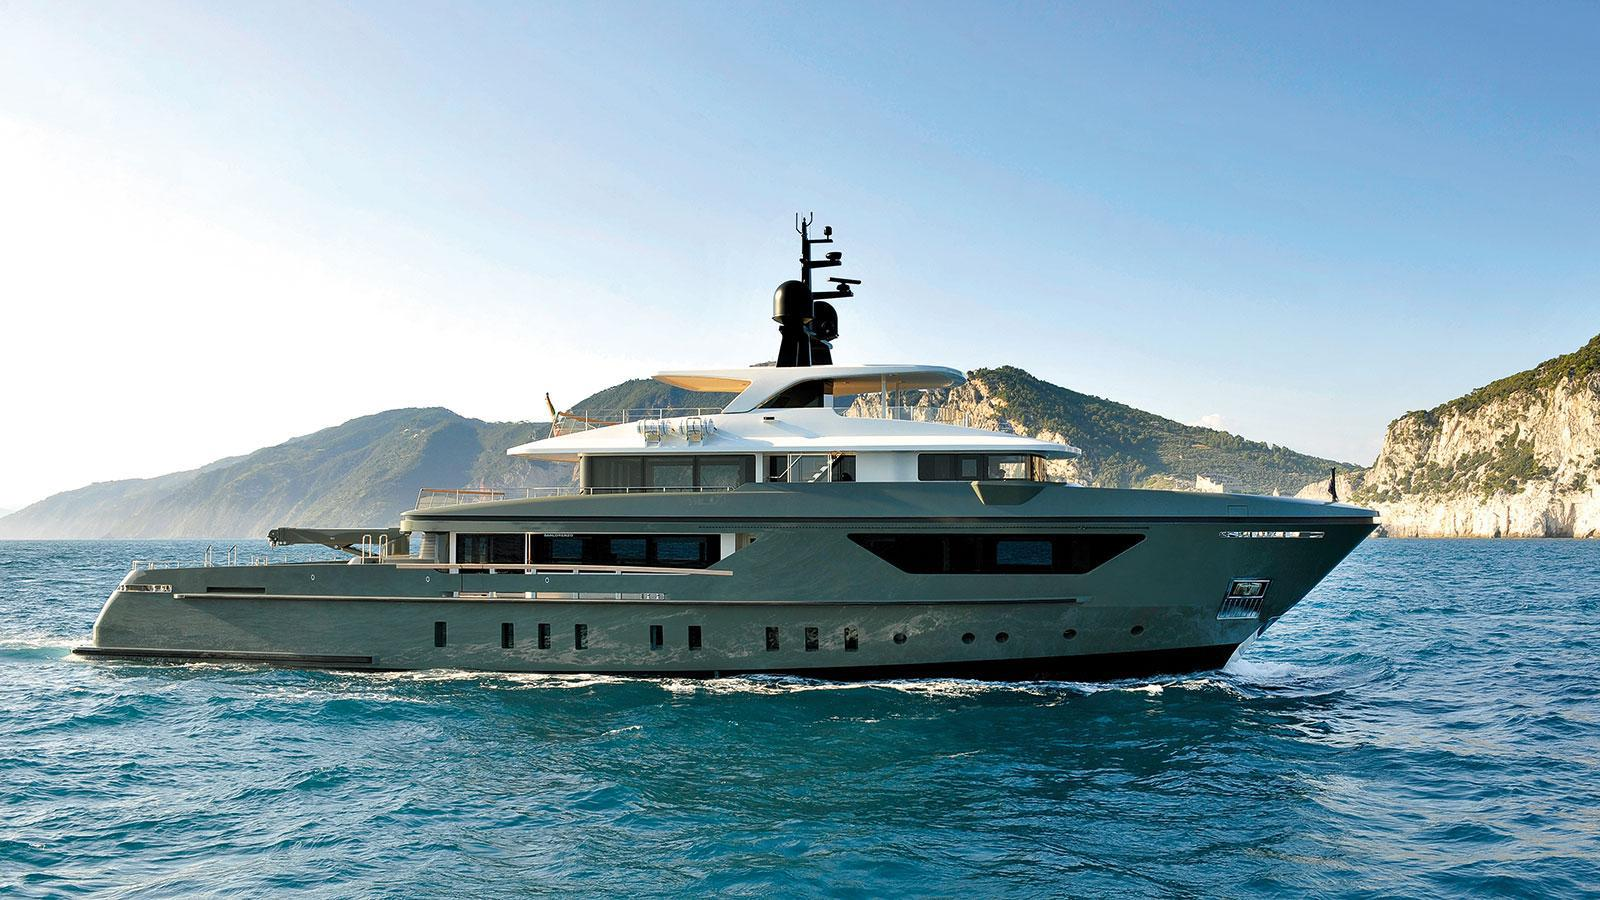 moka-expedition-motor-yacht-sanlorenzo-460-exp-2015-42m-cruising-profile